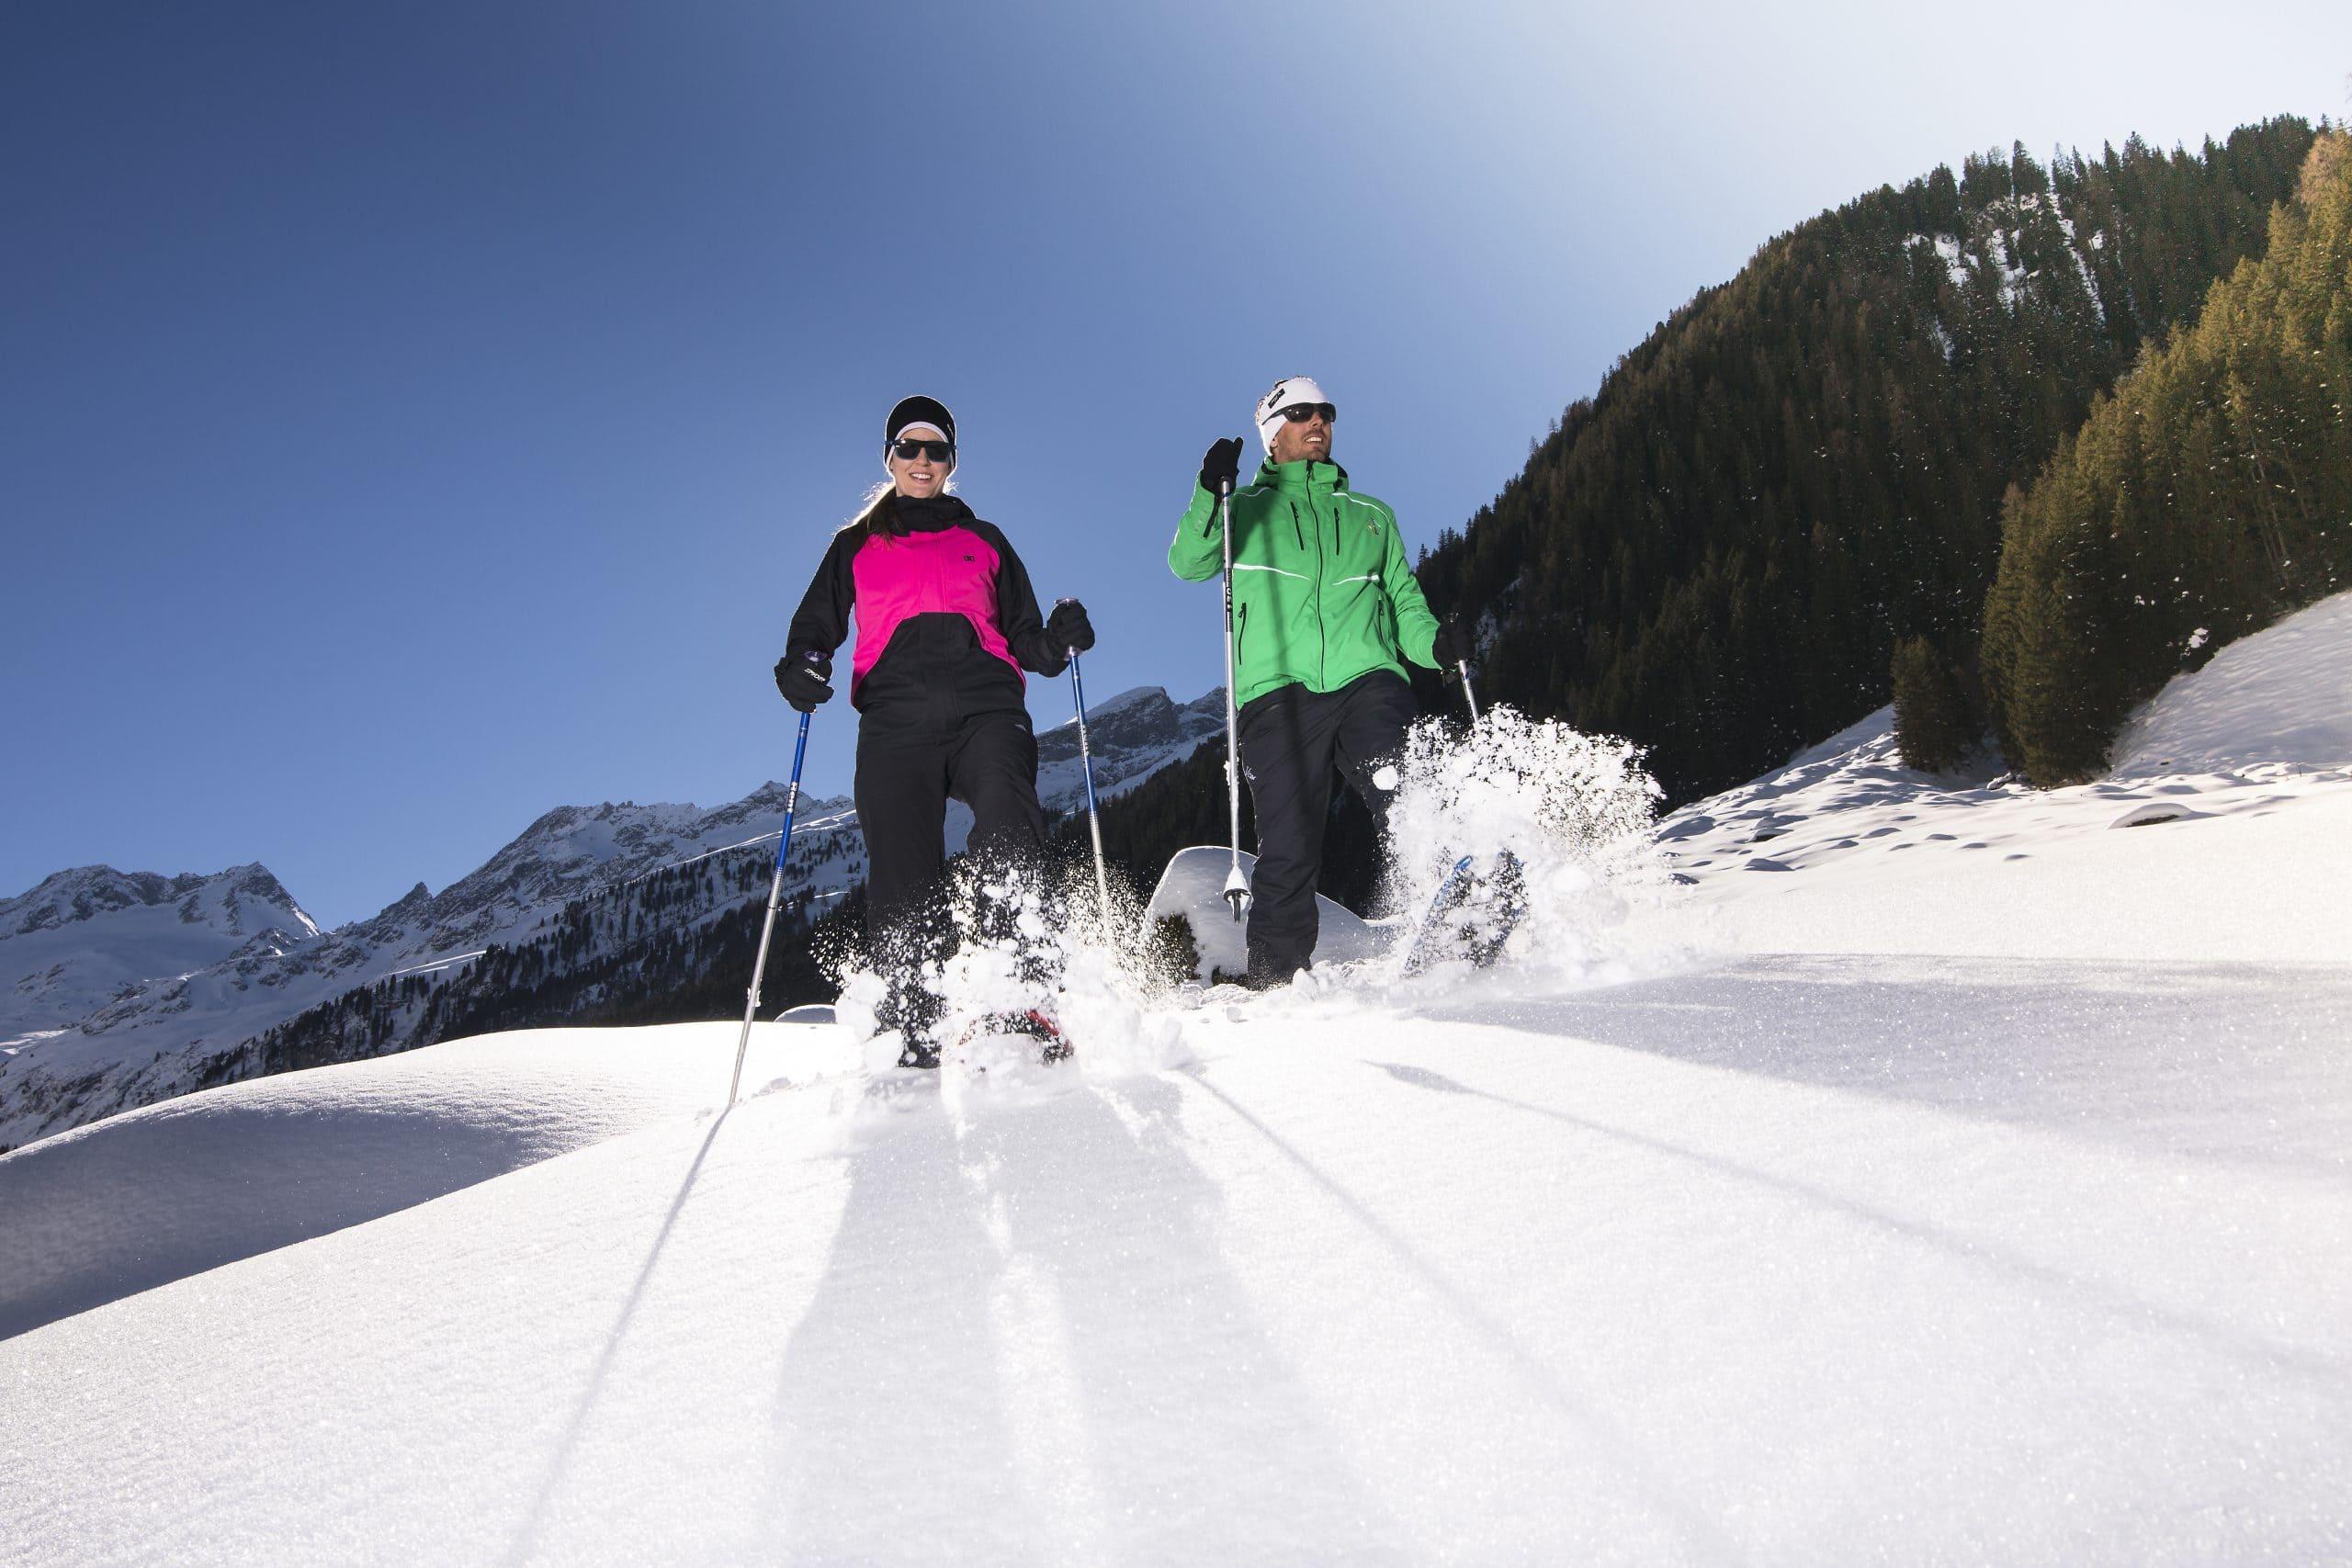 zillertal winter schneeschuh30 scaled